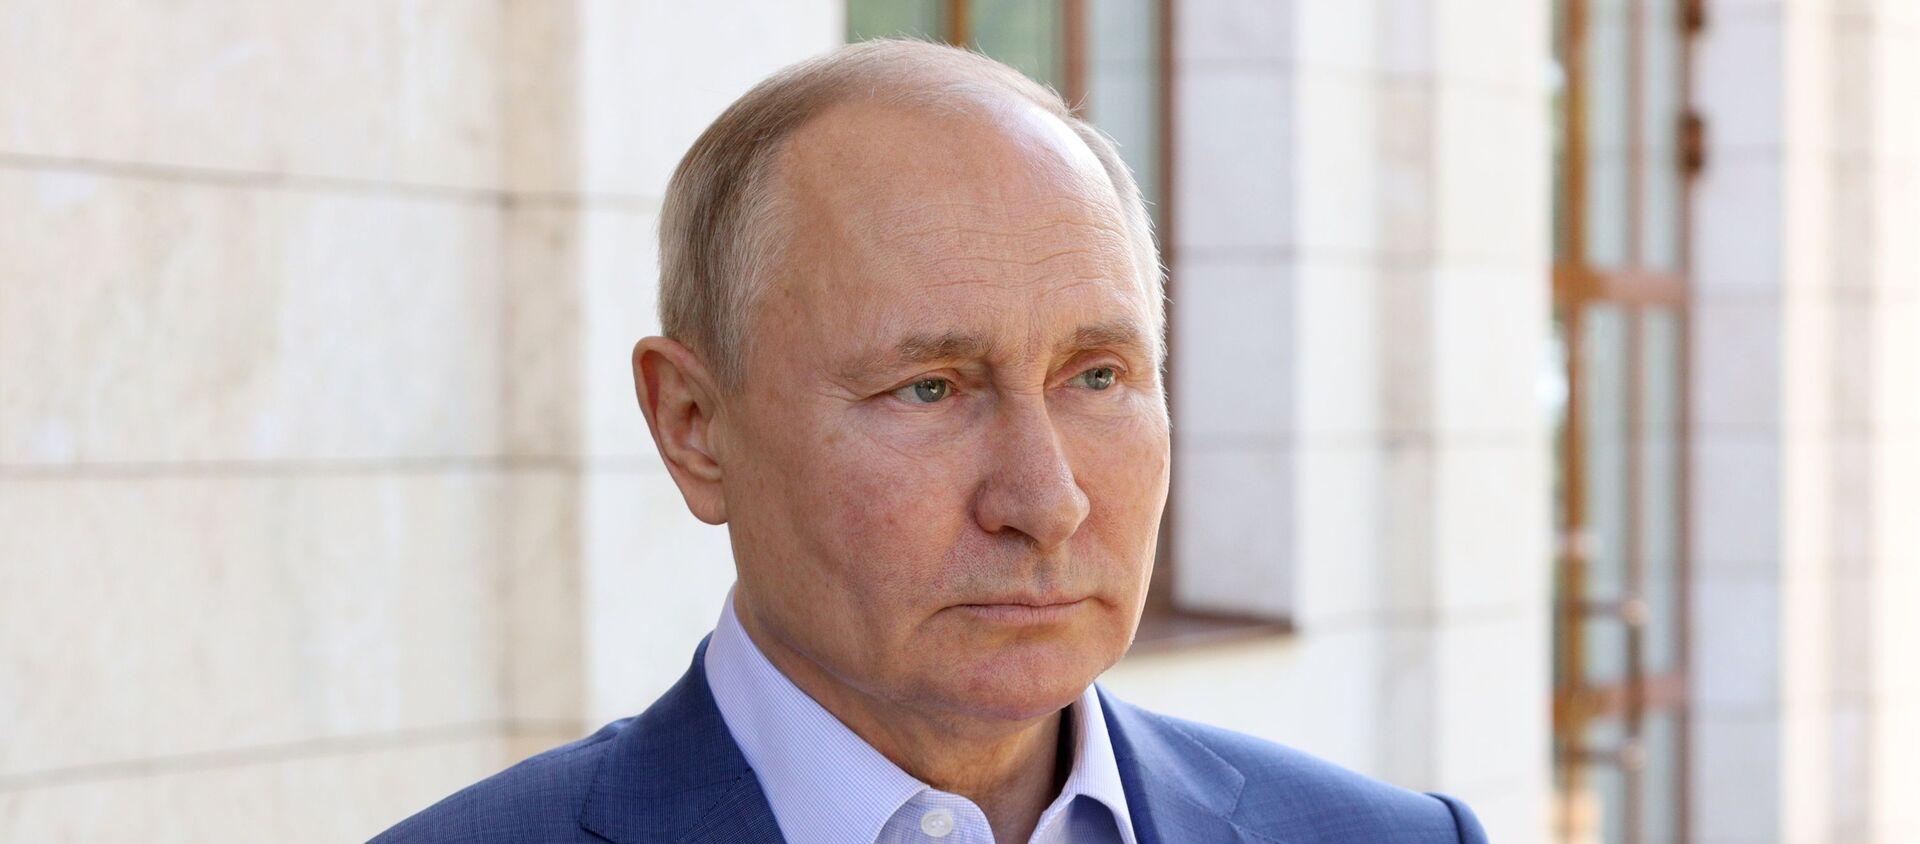 Tổng thống Nga Putin - Sputnik Việt Nam, 1920, 22.06.2021